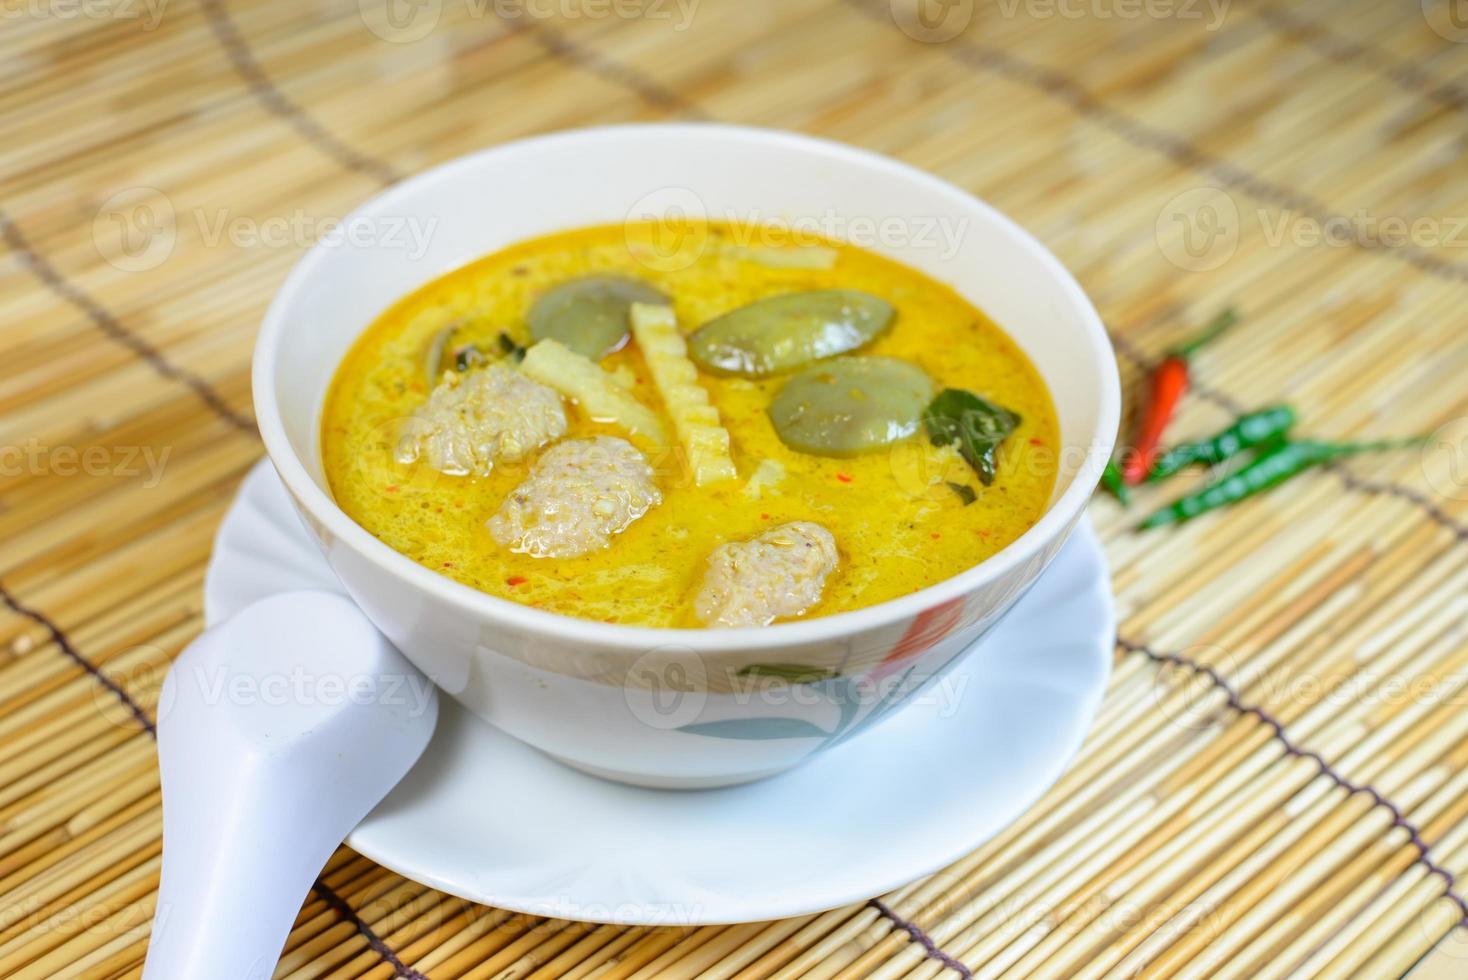 curry de boule de porc vert, cuisine thaïlandaise photo